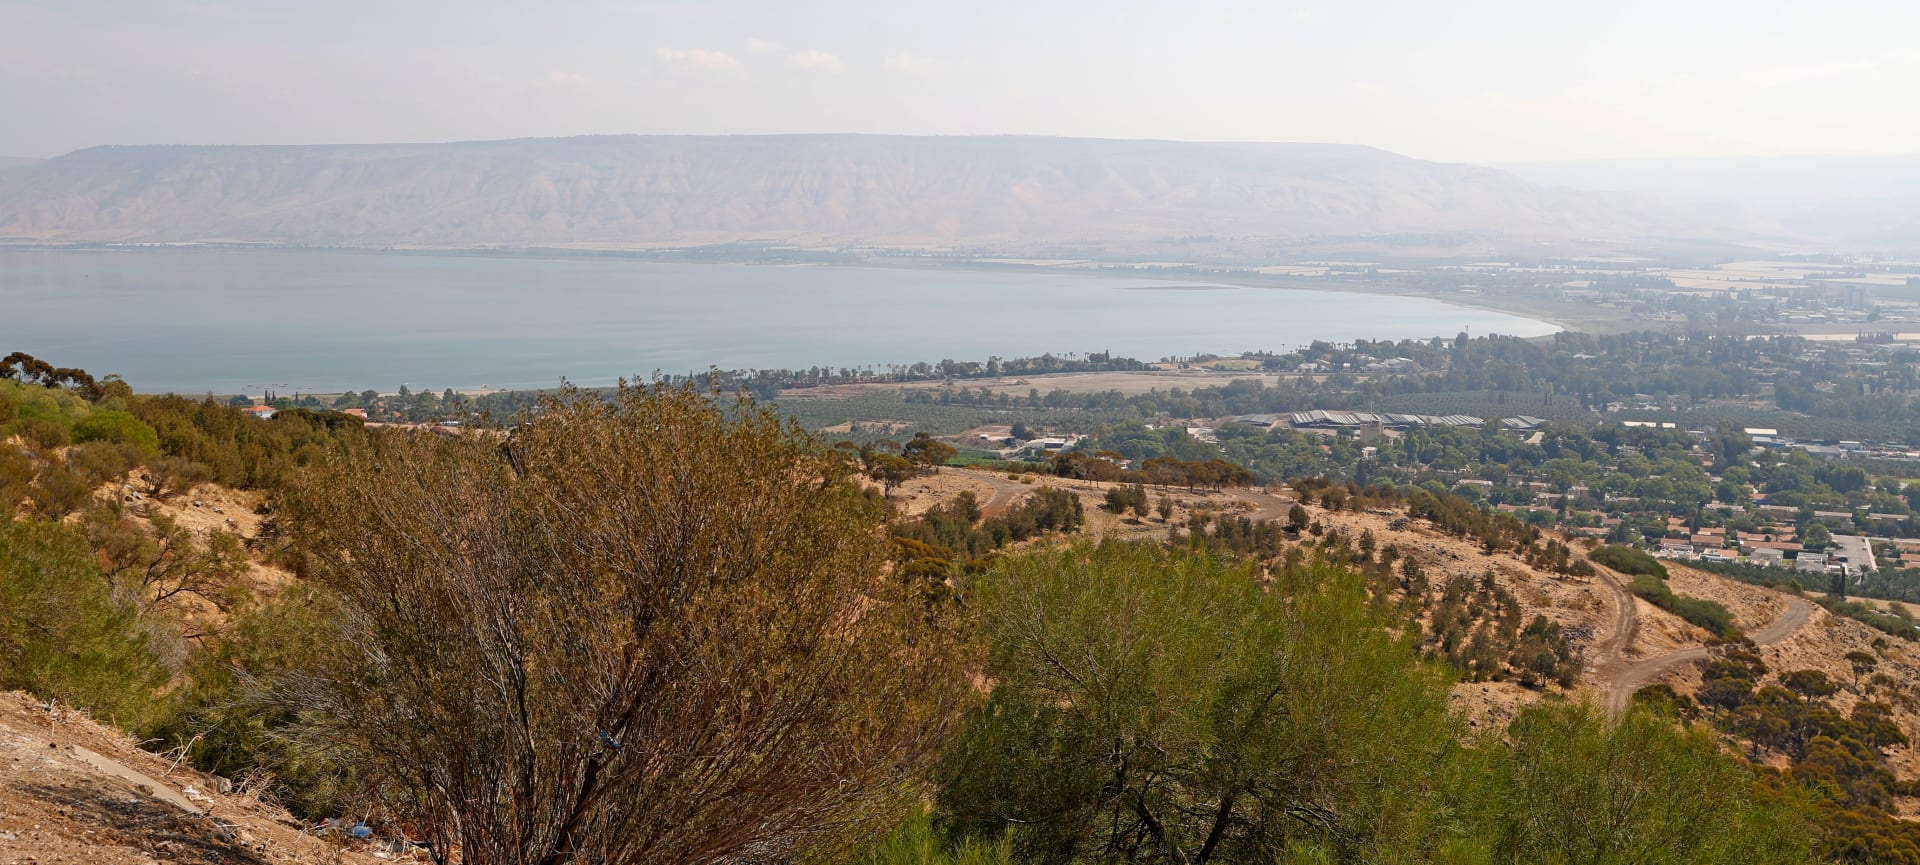 سقوط 3 صواريخ أُطلقت من جنوب لبنان قبالة سواحل شمال إسرائيل